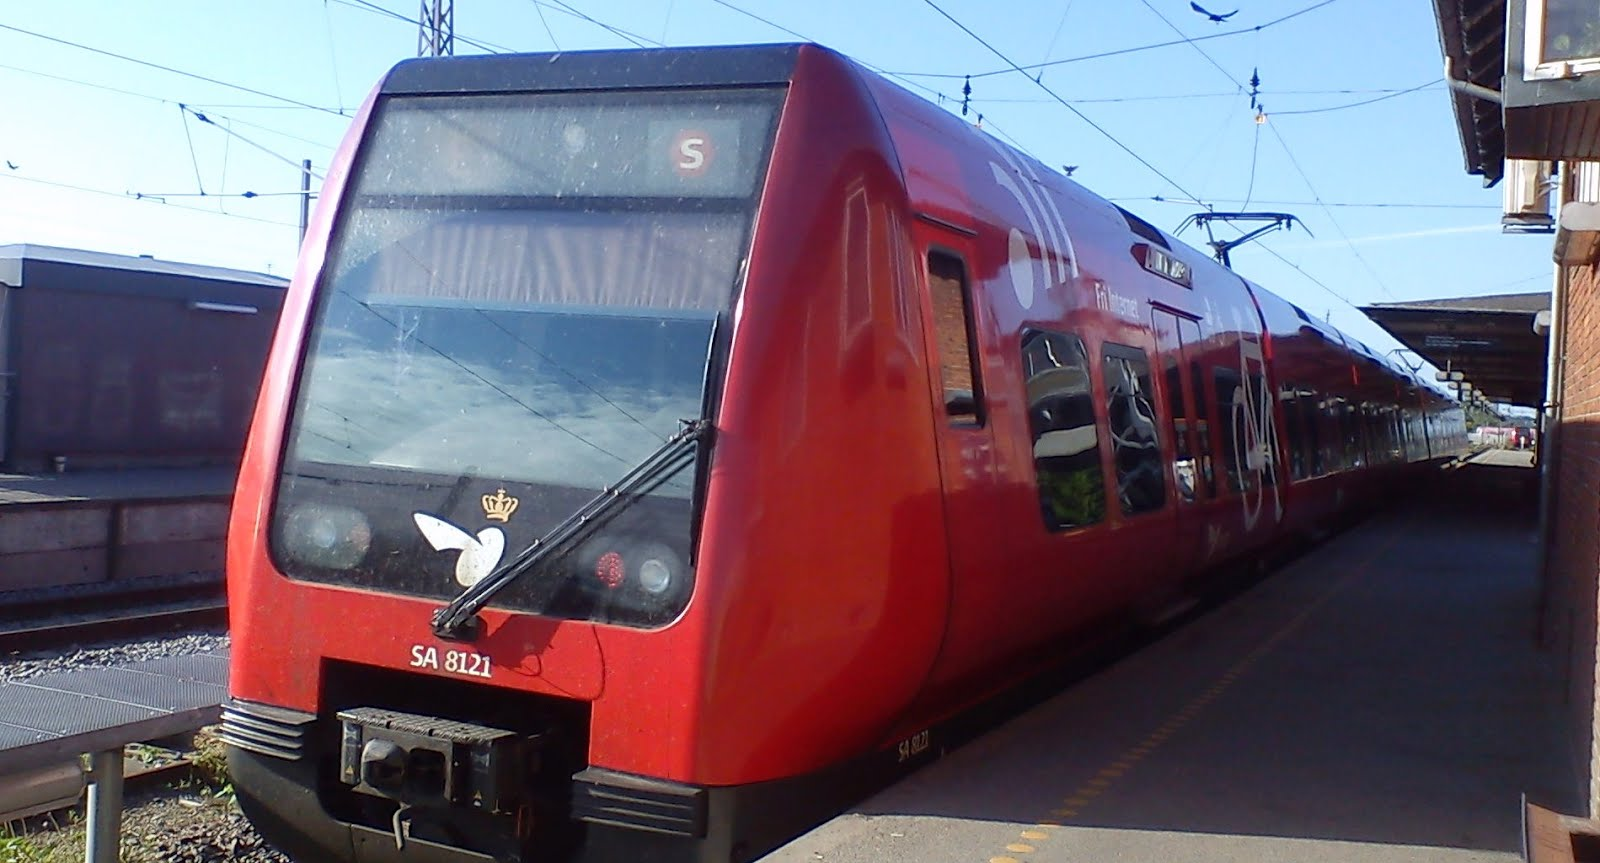 KFB: S-tog - Linje A og Linje E kører efter en justeret køreplan mellem Friheden og Køge